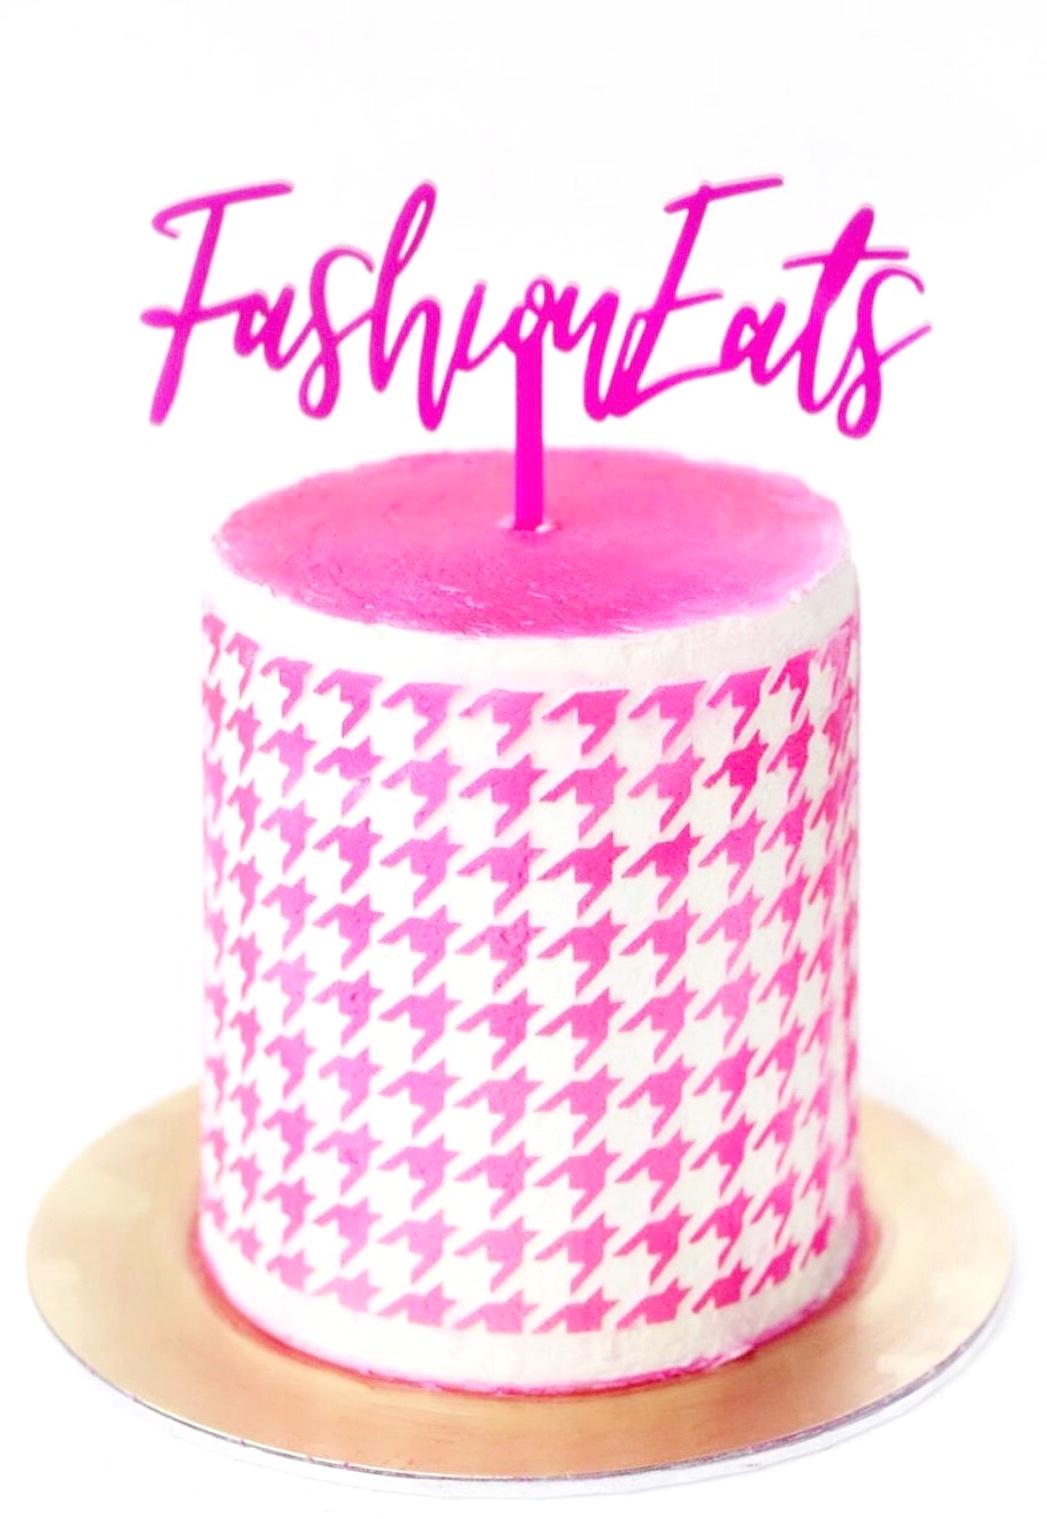 TARTAS FASHIONEATS www.fashioneats.es